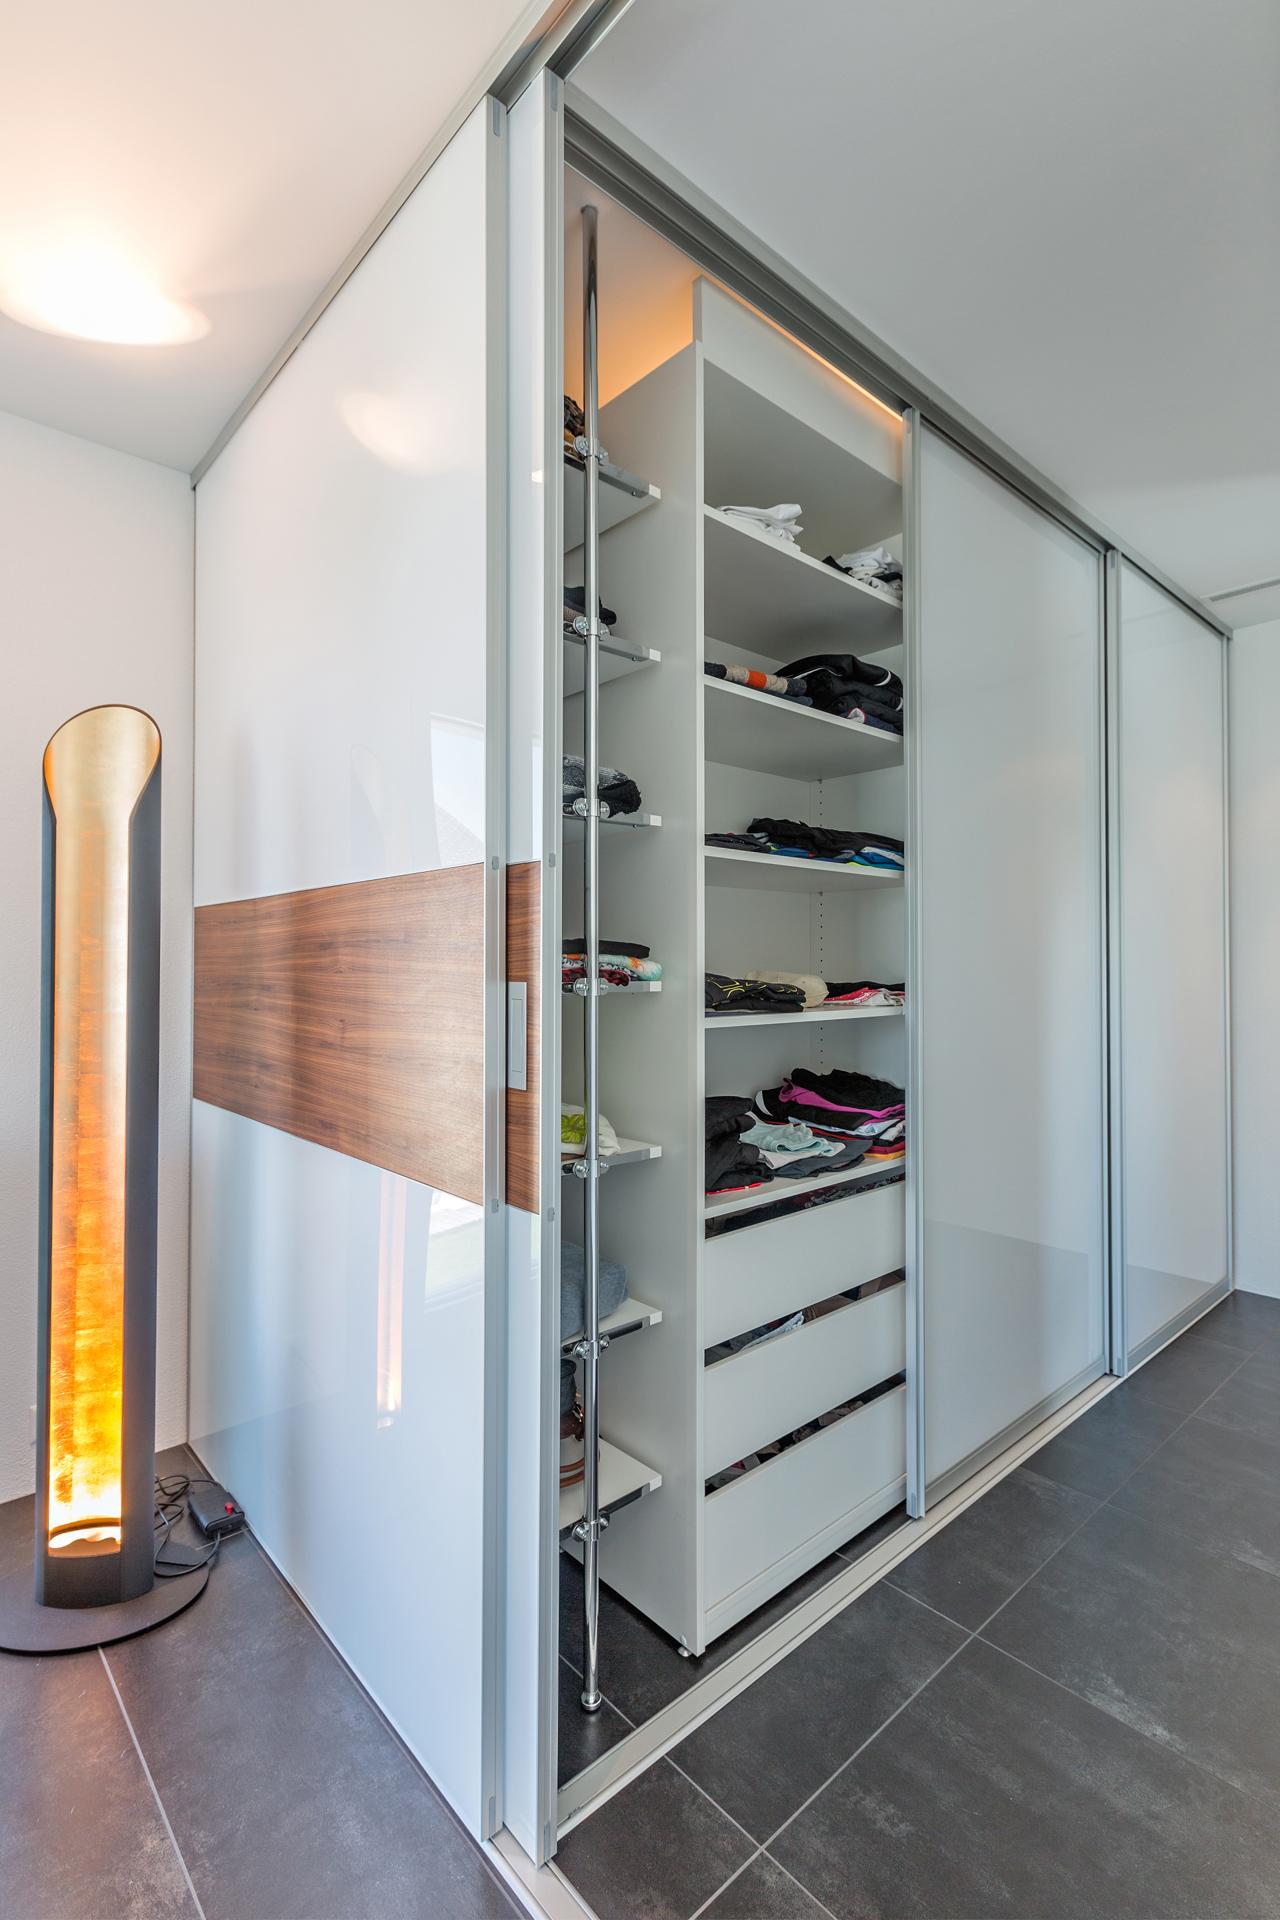 doppelt tiefer begehbarer kleiderschrank im durchgang zum bad auf zu. Black Bedroom Furniture Sets. Home Design Ideas